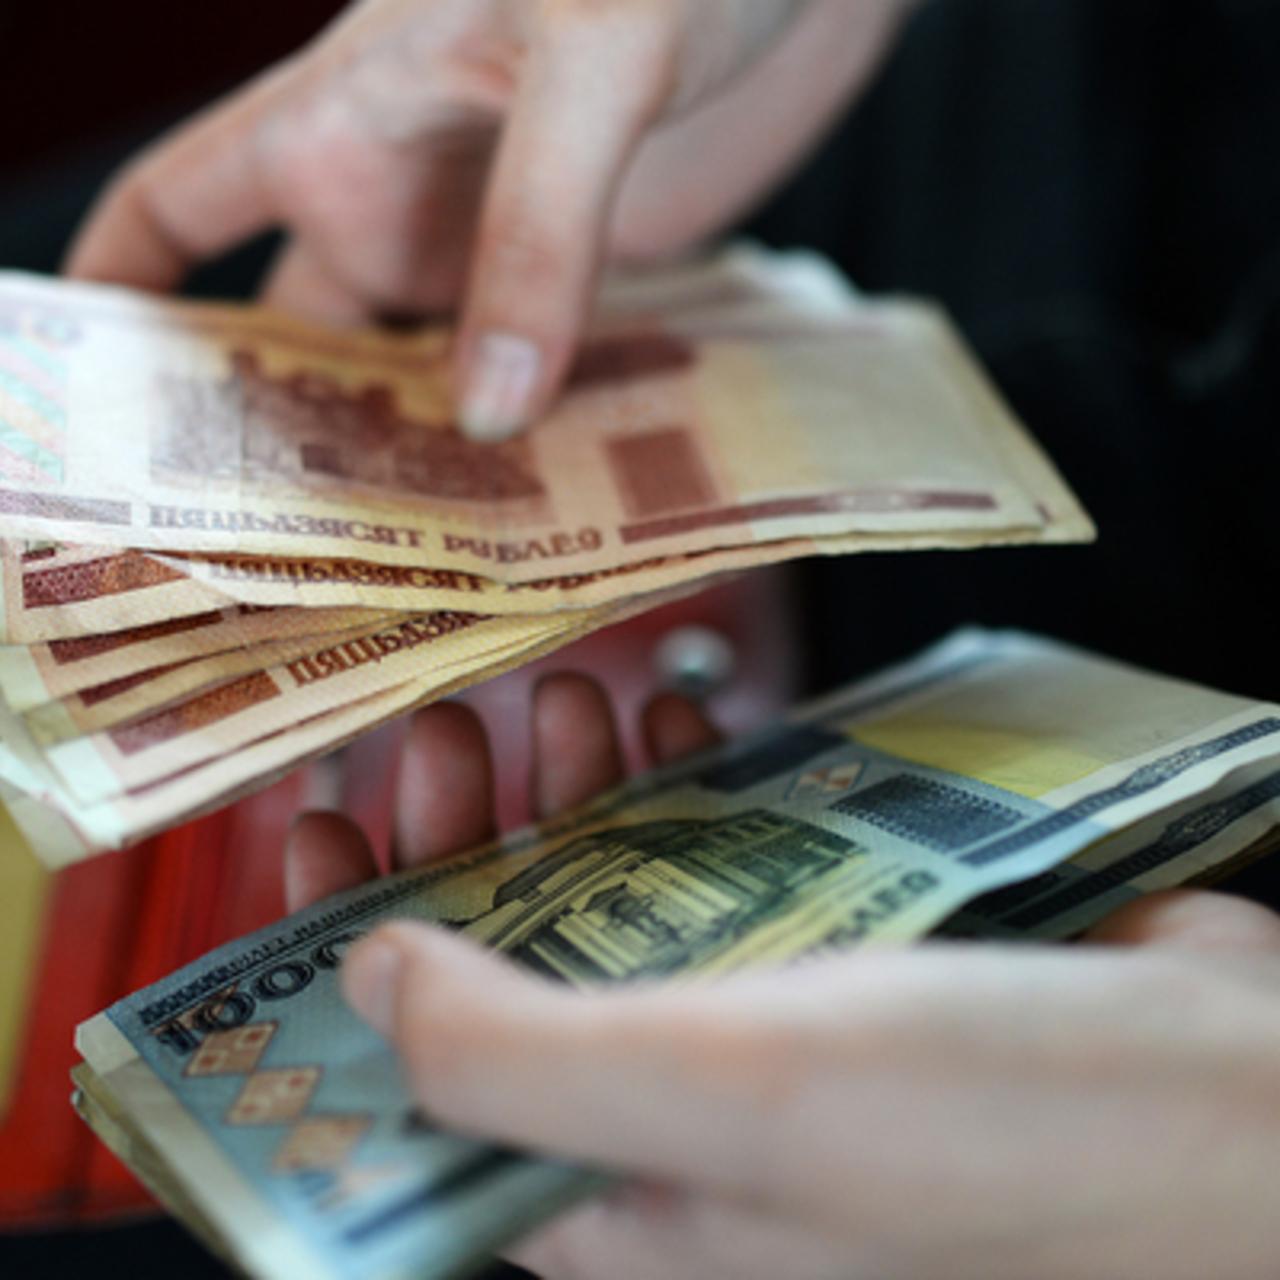 займ в белоруссии онлайн на карту как подать заявку на кредит в совкомбанк онлайн заявка